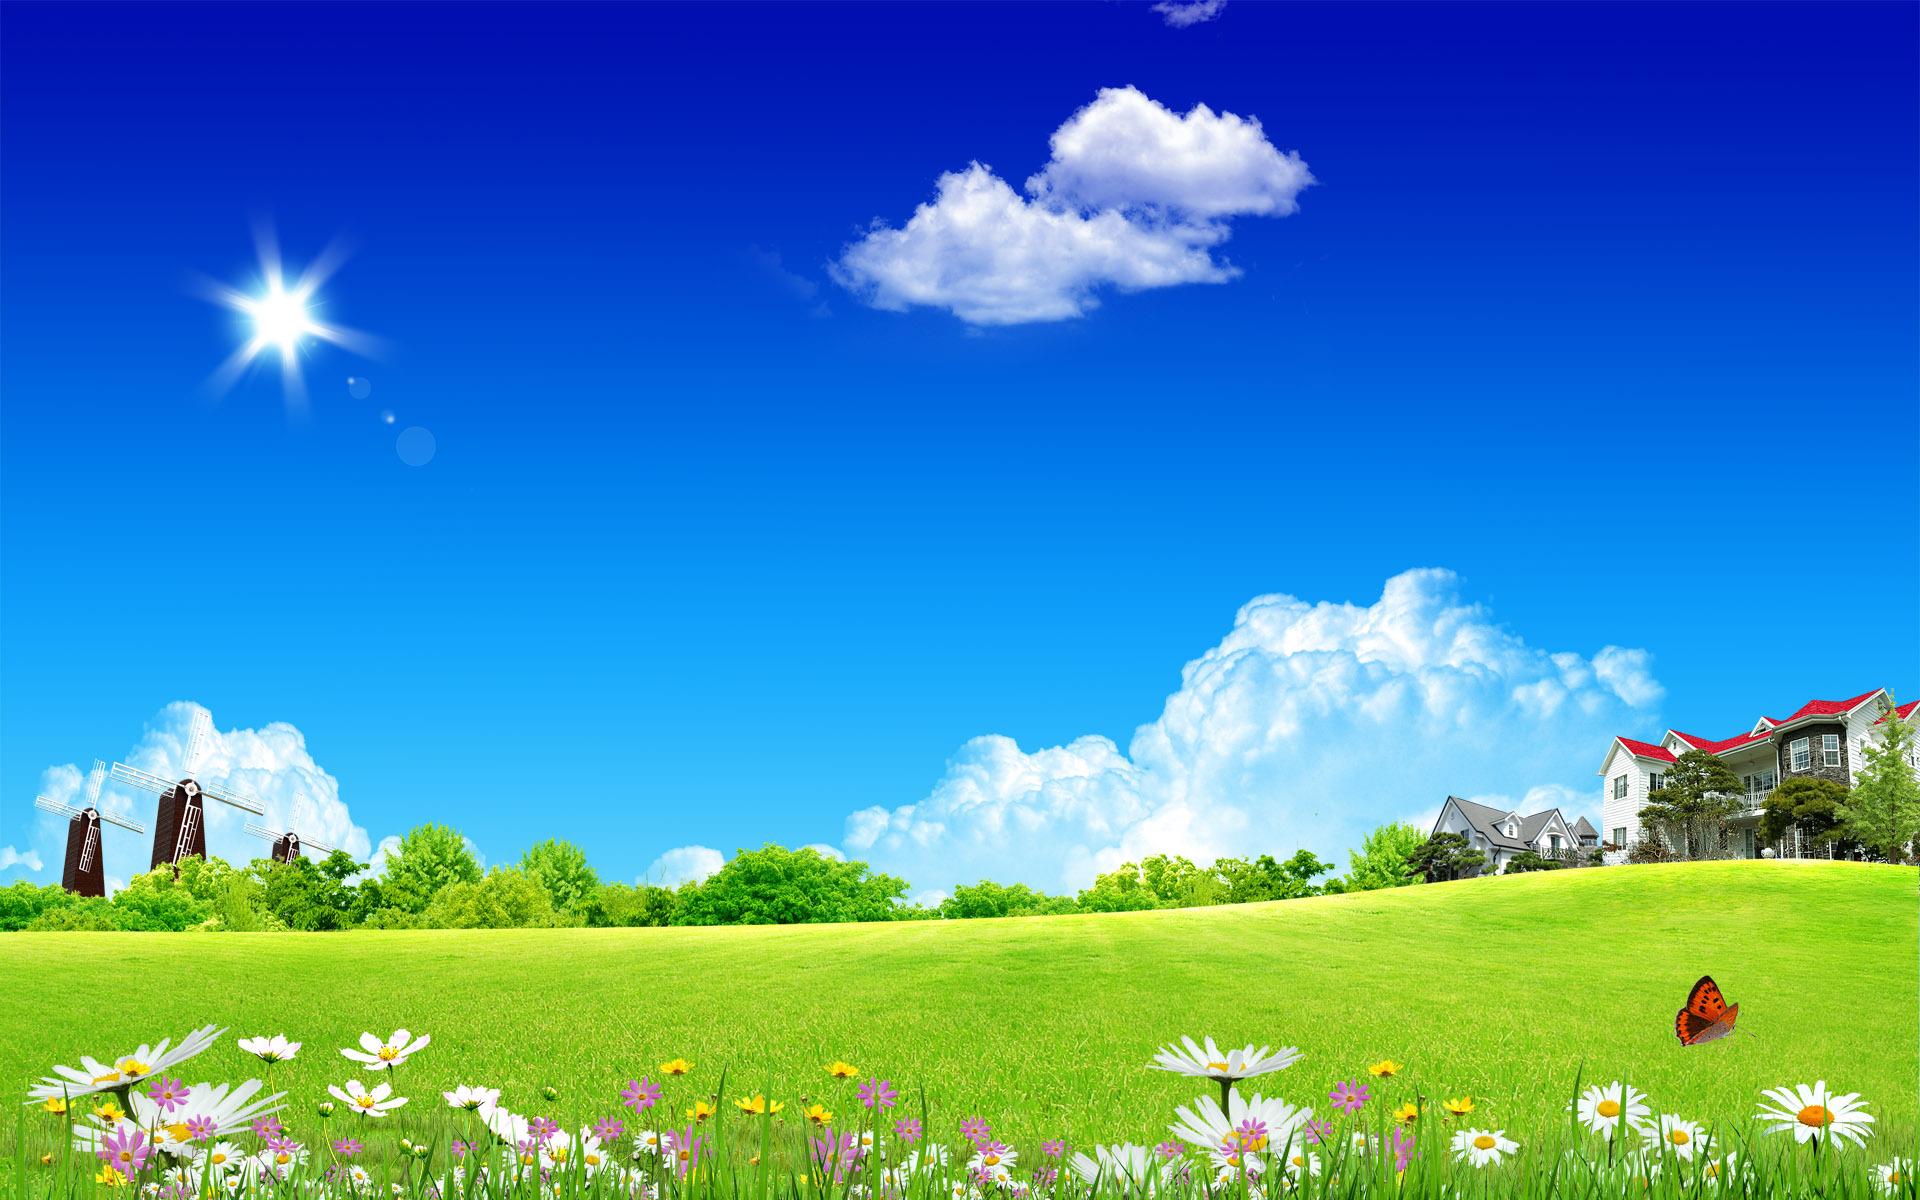 12954 télécharger le fond d'écran Paysage, Herbe, Nuages, Contexte, Sky - économiseurs d'écran et images gratuitement